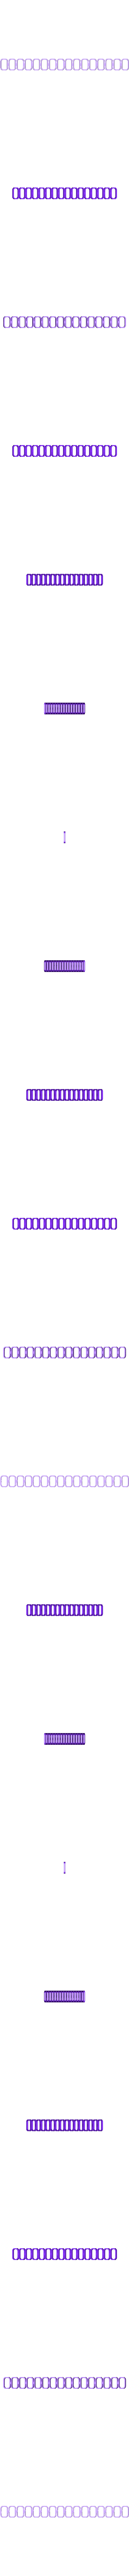 FaceShieldStrapRevE2.stl Télécharger fichier STL gratuit Sangle pour écran facial Prusa V2 • Modèle à imprimer en 3D, ThinkSolutions